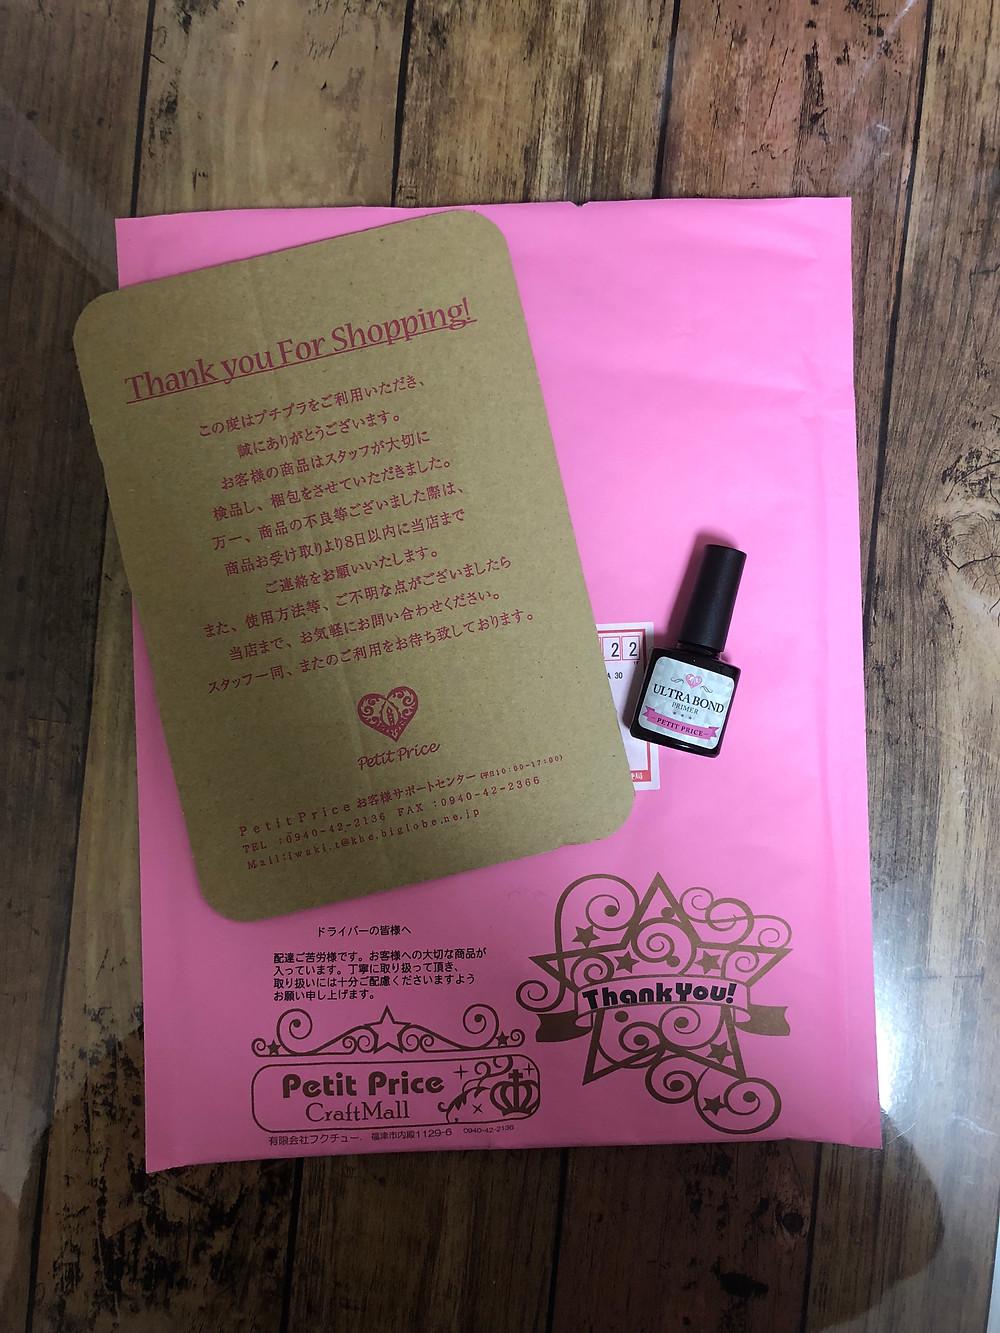 ピンクの封筒とダンボール